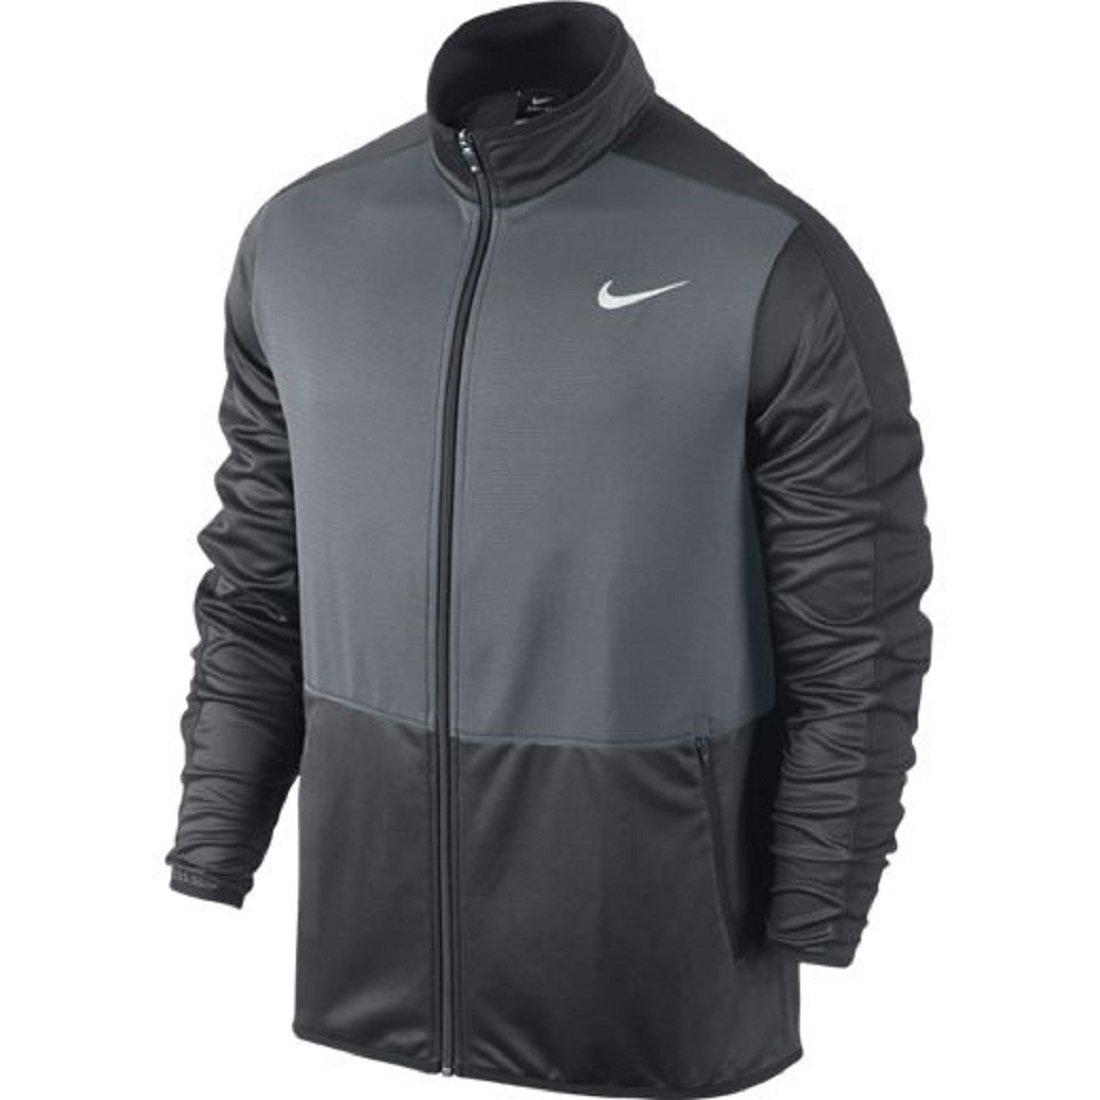 Nike epic jacket - Nike Epic Jacket 31